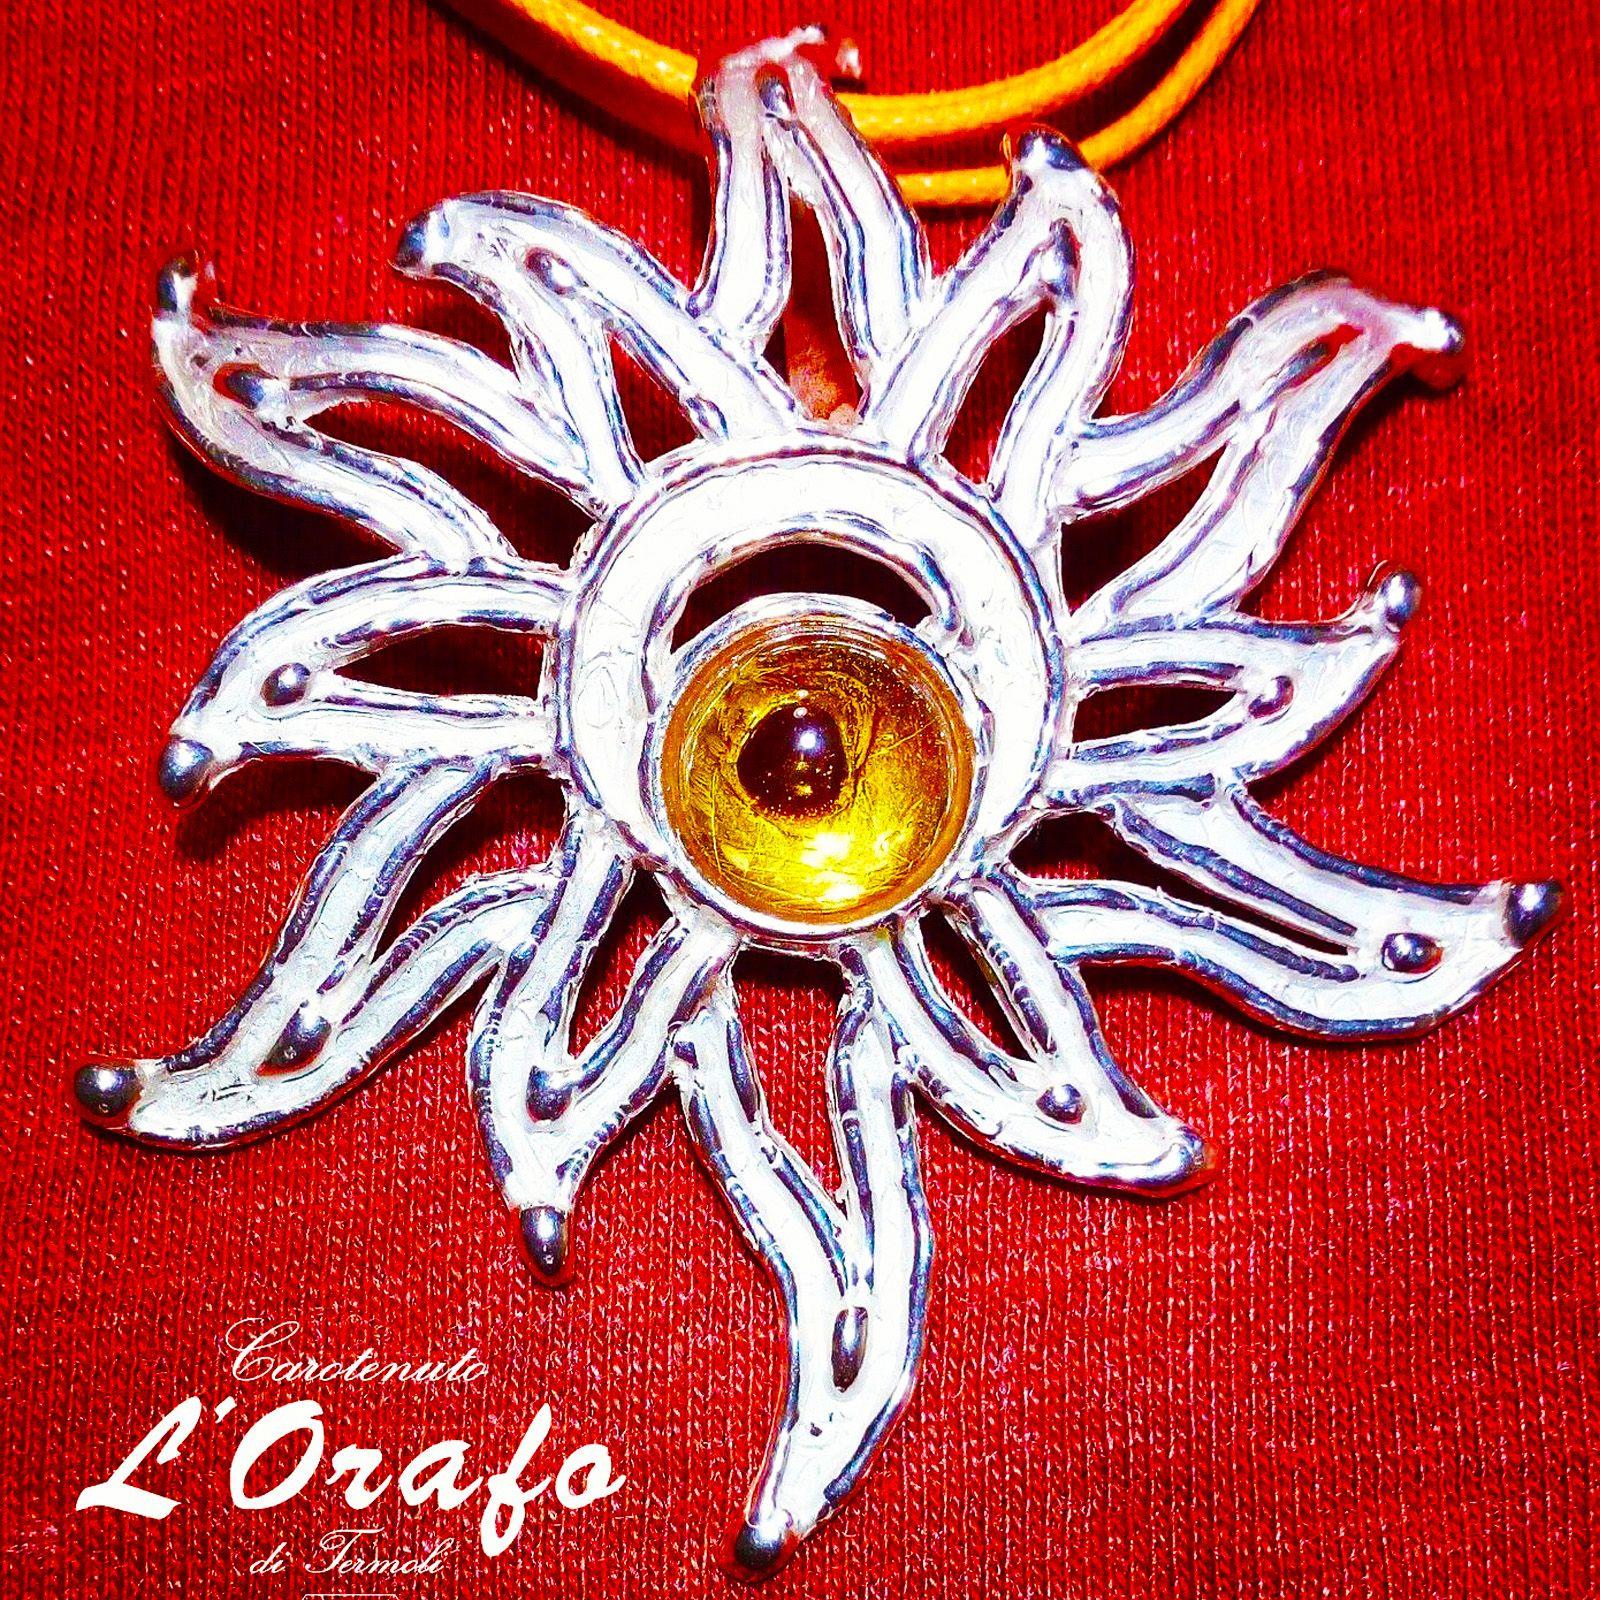 outlet 5c097 b1193 💎Festeggia con noi 40 anni di gioielli unici! 💎 In regalo per te ...